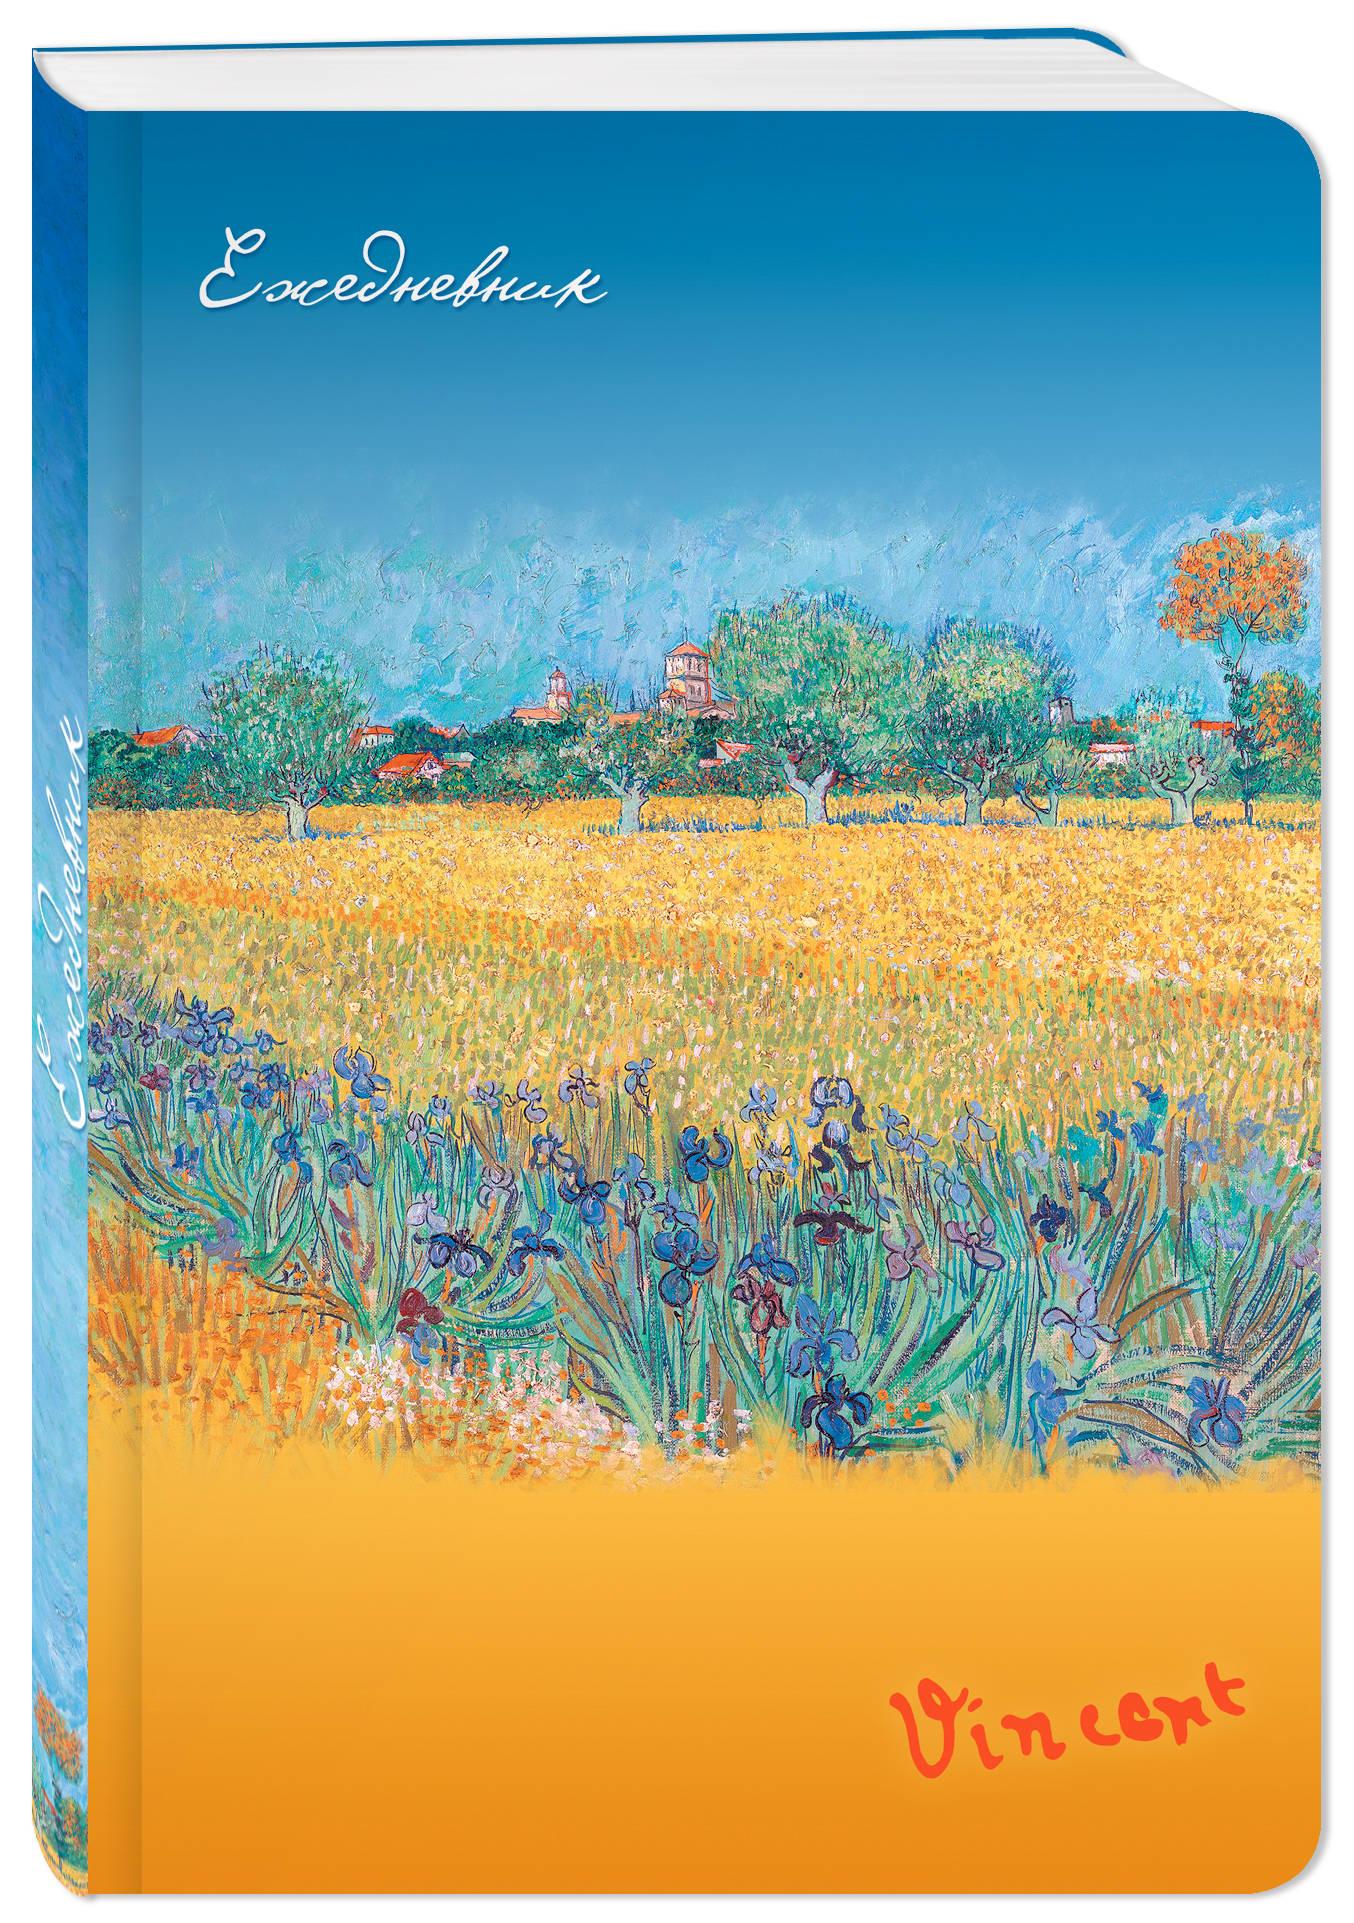 Ежедневник. Ван Гог. Пшеничное поле (недатированный) (Арте) блокнот в пластиковой обложке ван гог цветущие ветки миндаля формат малый 64 страницы арте